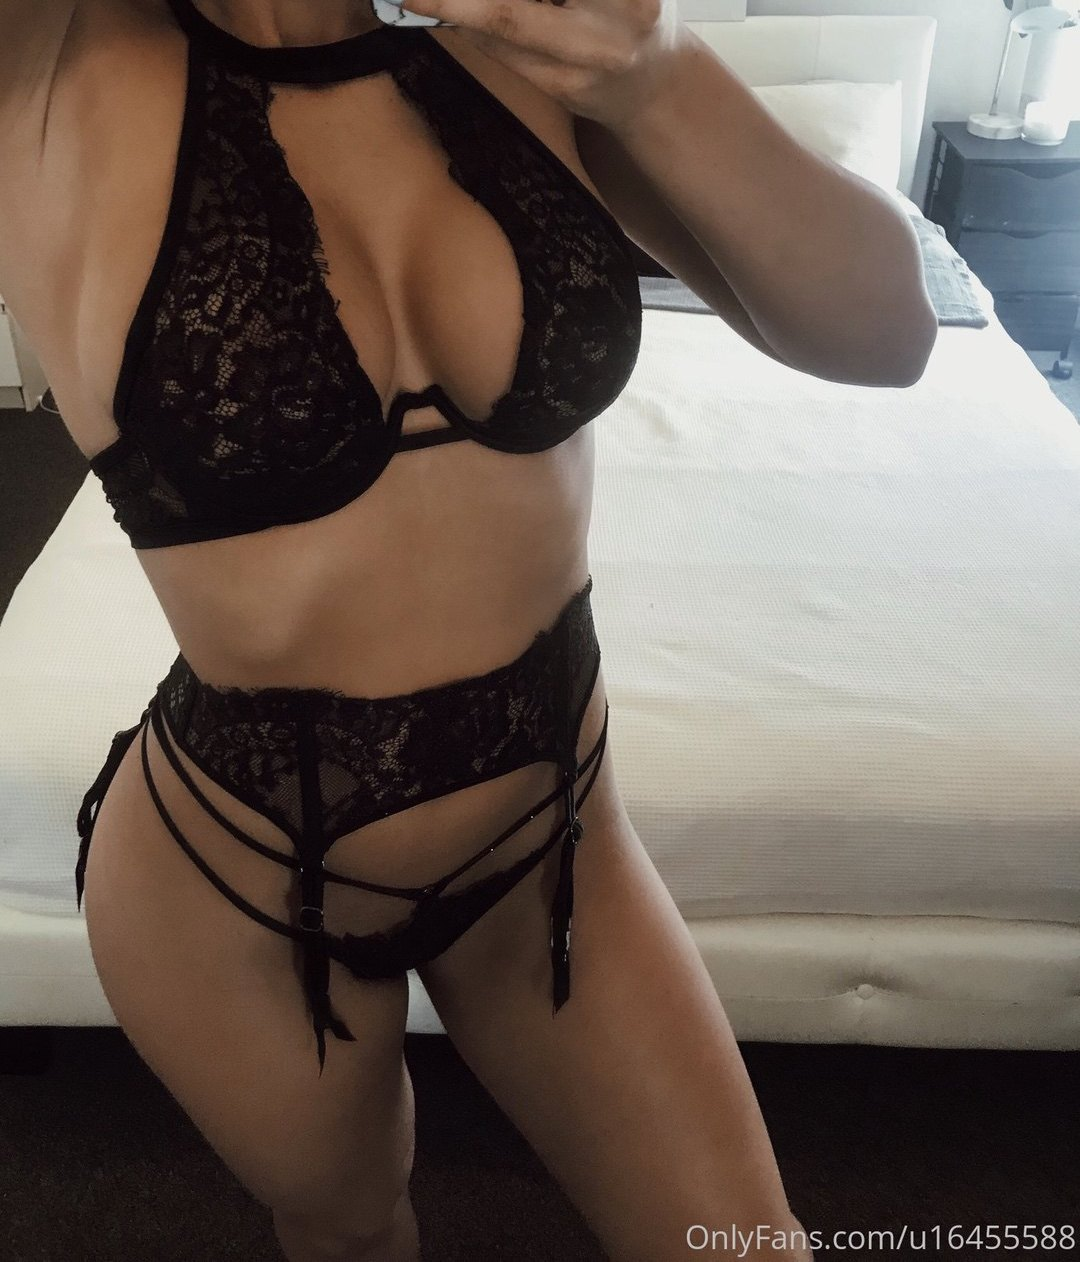 Tiffany N Hoe Tiffanynhoe Onlyfans Nudes Leaks 0023